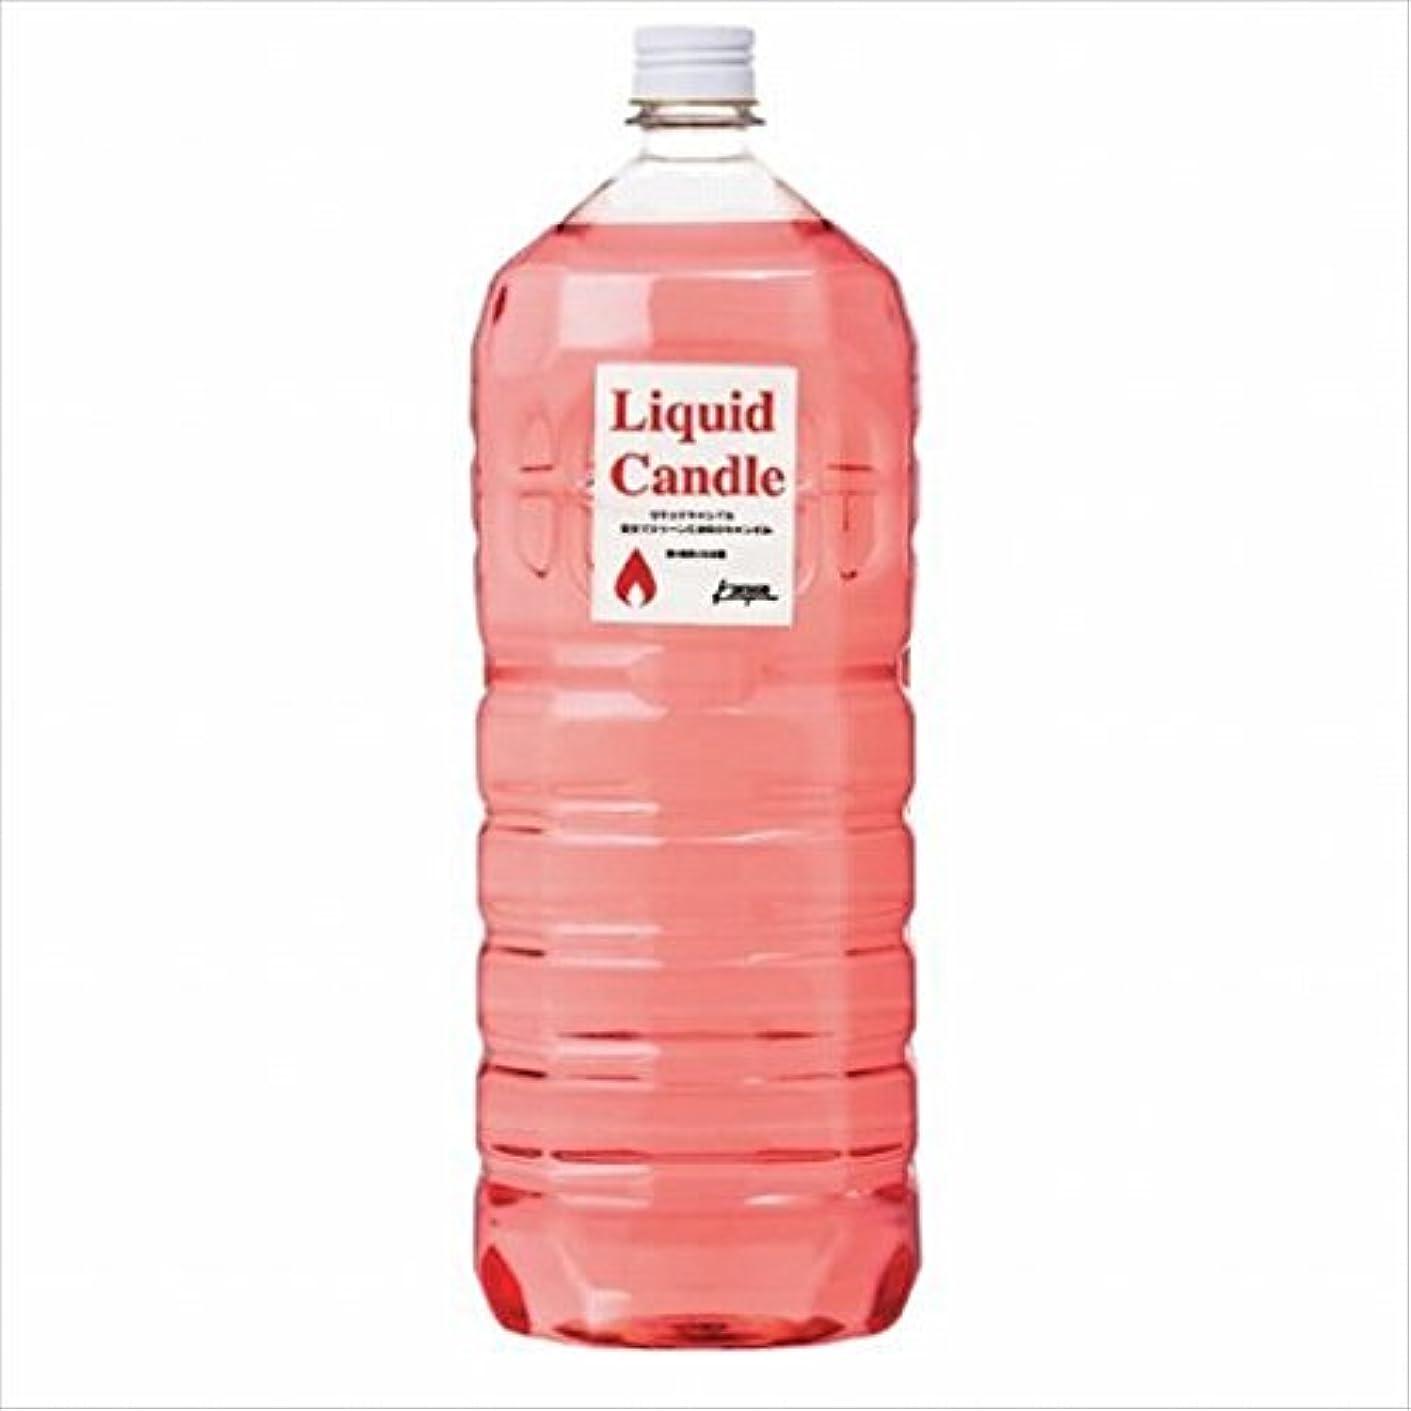 民兵喜劇テラスカメヤマキャンドル(kameyama candle) リキッドキャンドル2リットル 「 ピンク 」